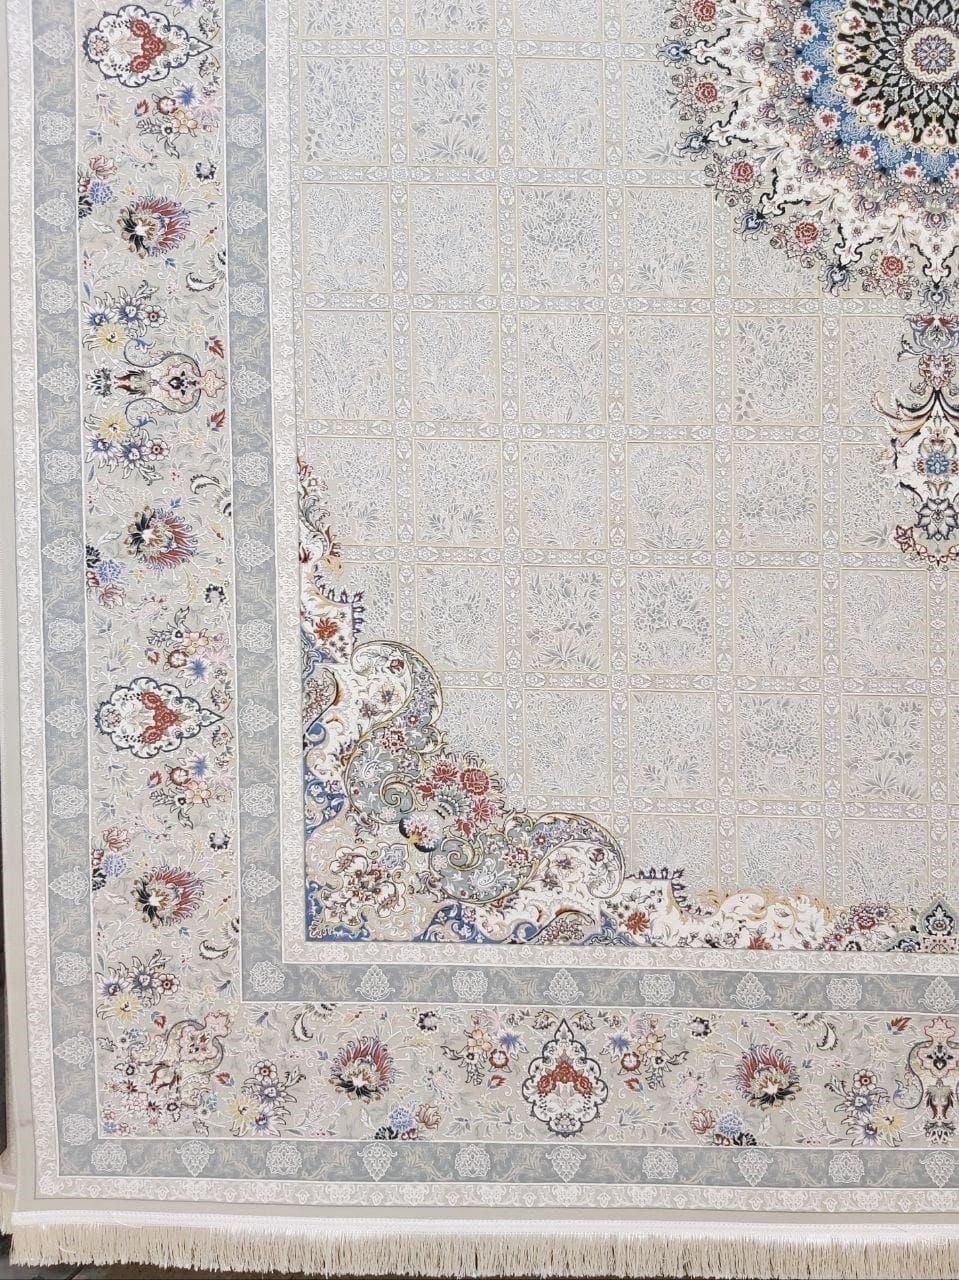 فرش 1500 شانه گل برجسته نقشه مانلی زمینه ترمه ای